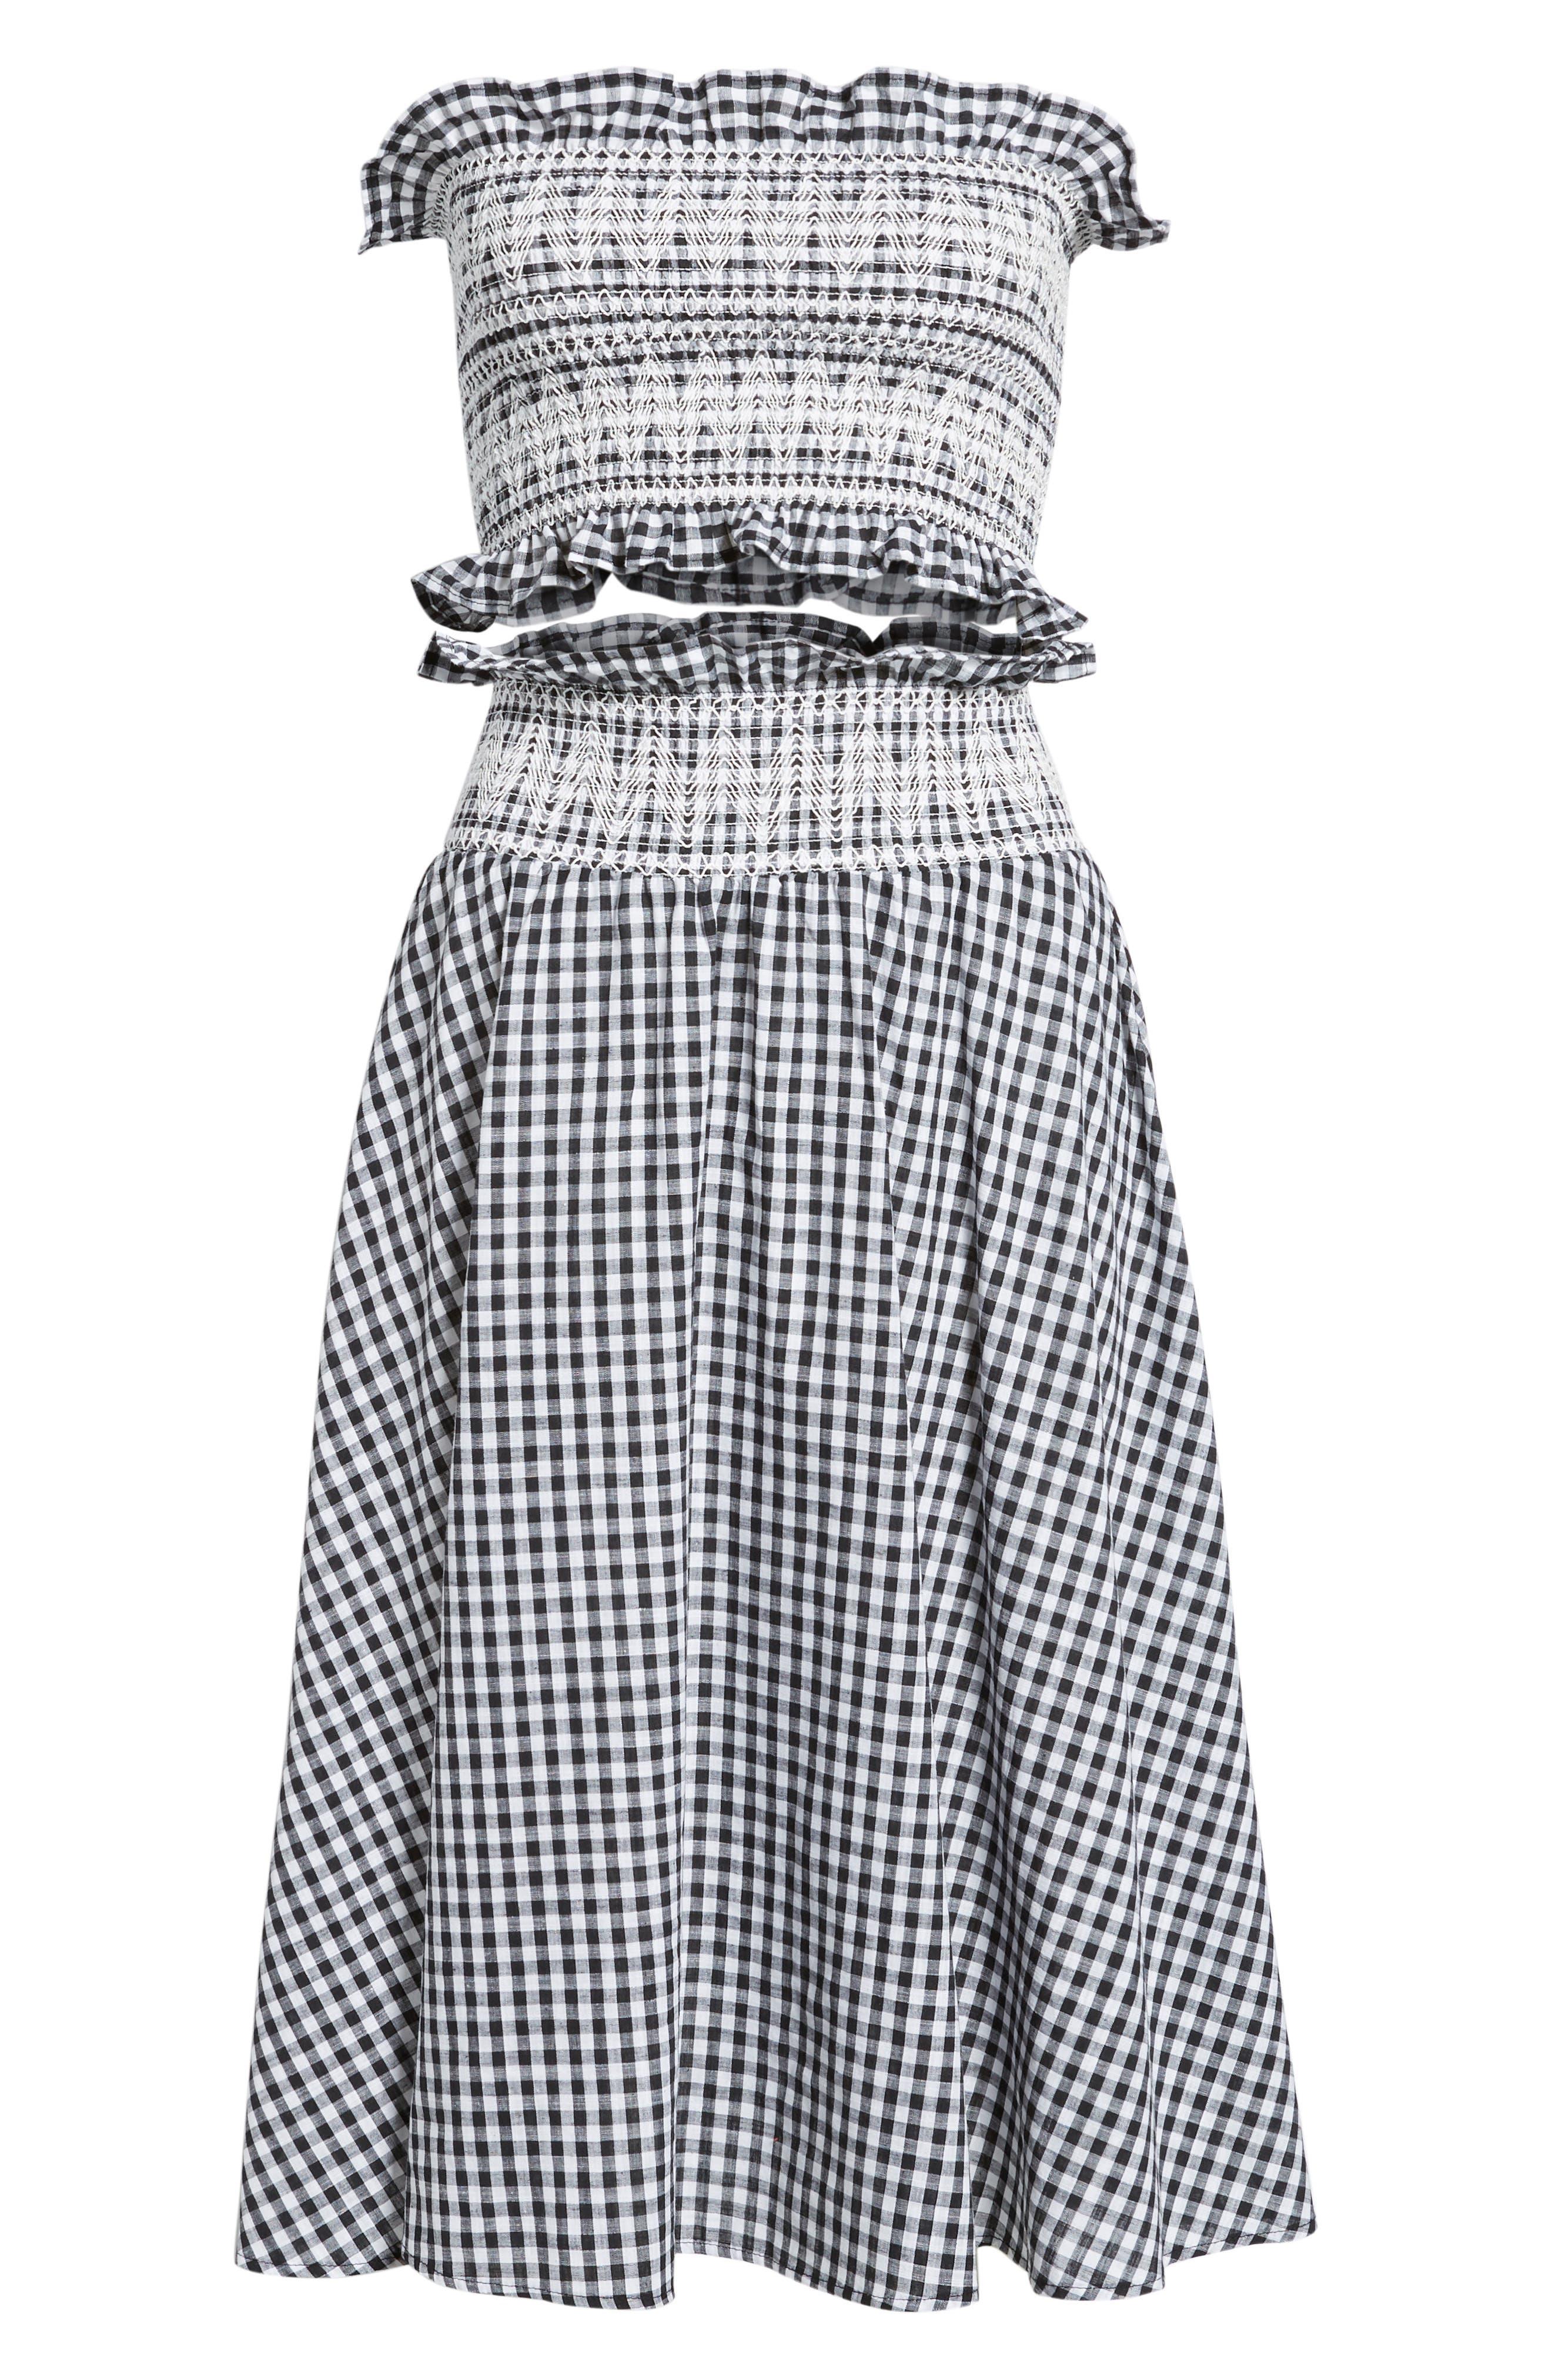 Du Monde Two-Piece Dress,                             Alternate thumbnail 6, color,                             004